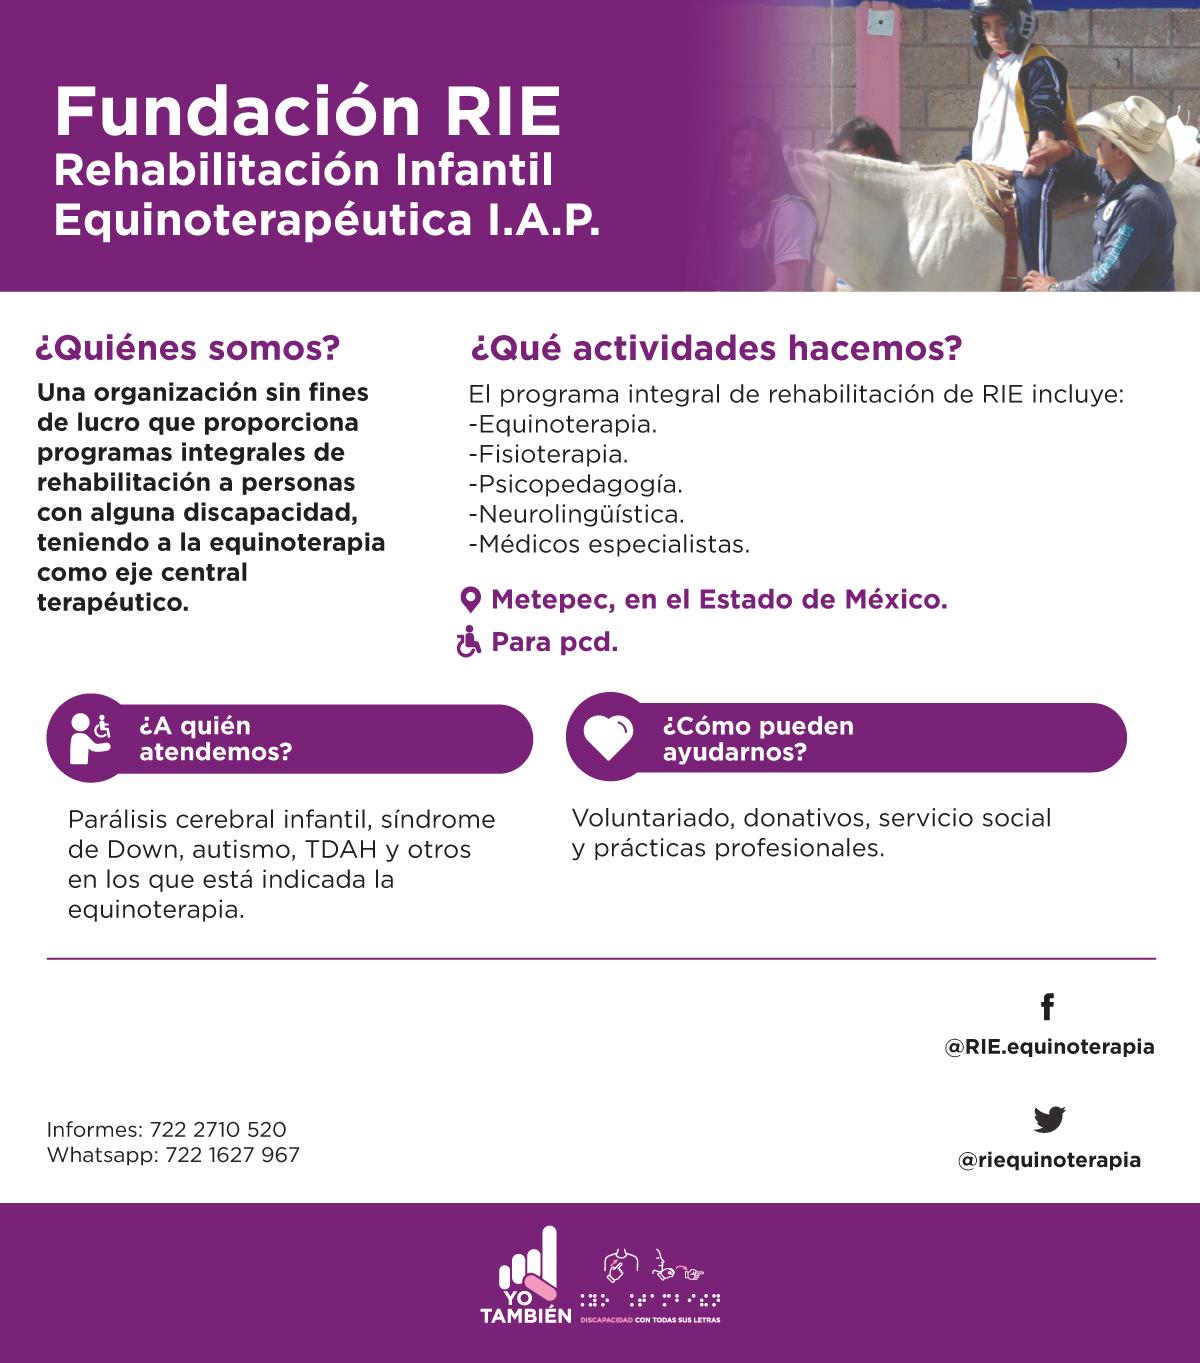 Fundación RIE Rehabilitación Infantil Equinoterapéutica I.A.P. Una organización sin fines de lucro que proporciona programas integrales de rehabilitación a personas con alguna discapacidad, teniendo a la equinoterapia como eje central terapéutico.